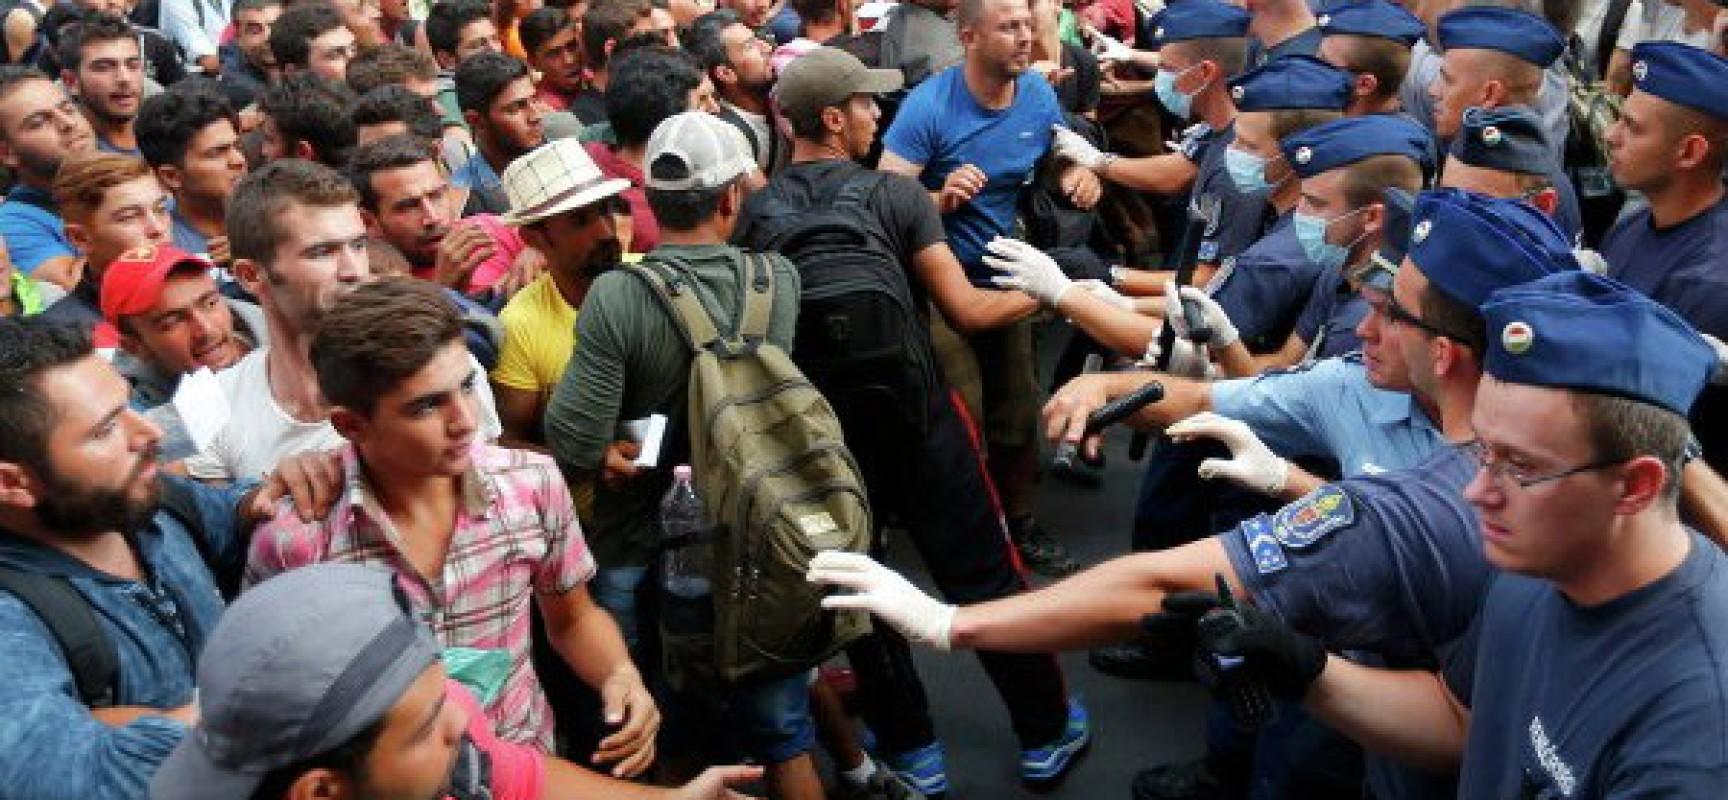 Migrants: Faire appel à l'émotionnel, est ce bien raisonnable? 1221182617-1728x800_c